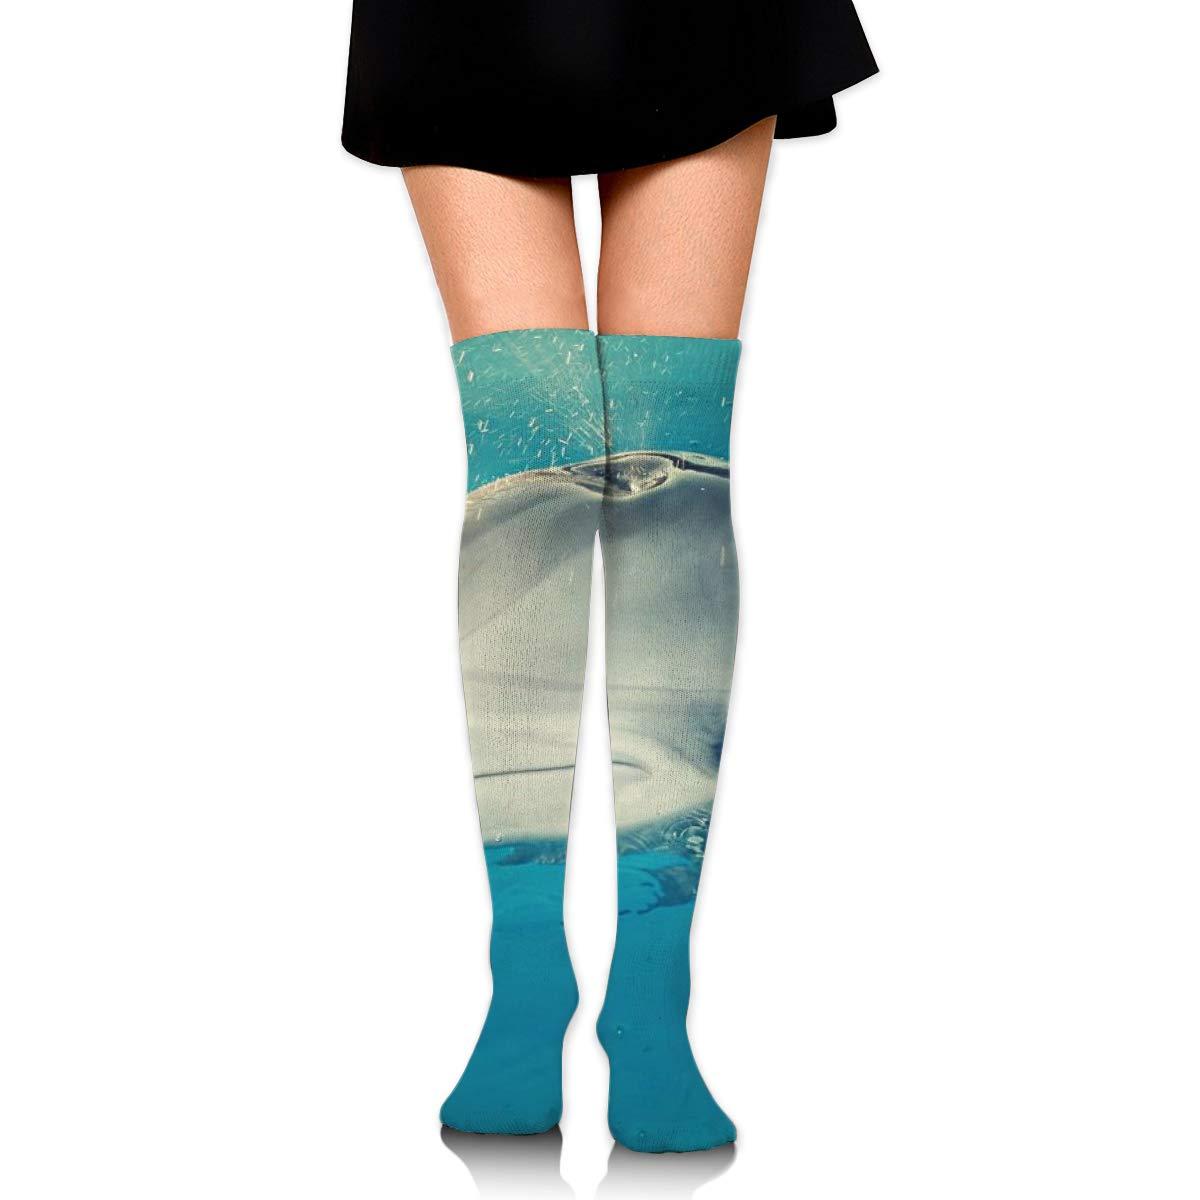 Kjaoi Girl Skirt Socks Uniform Sea Dolphin Women Tube Socks Compression Socks